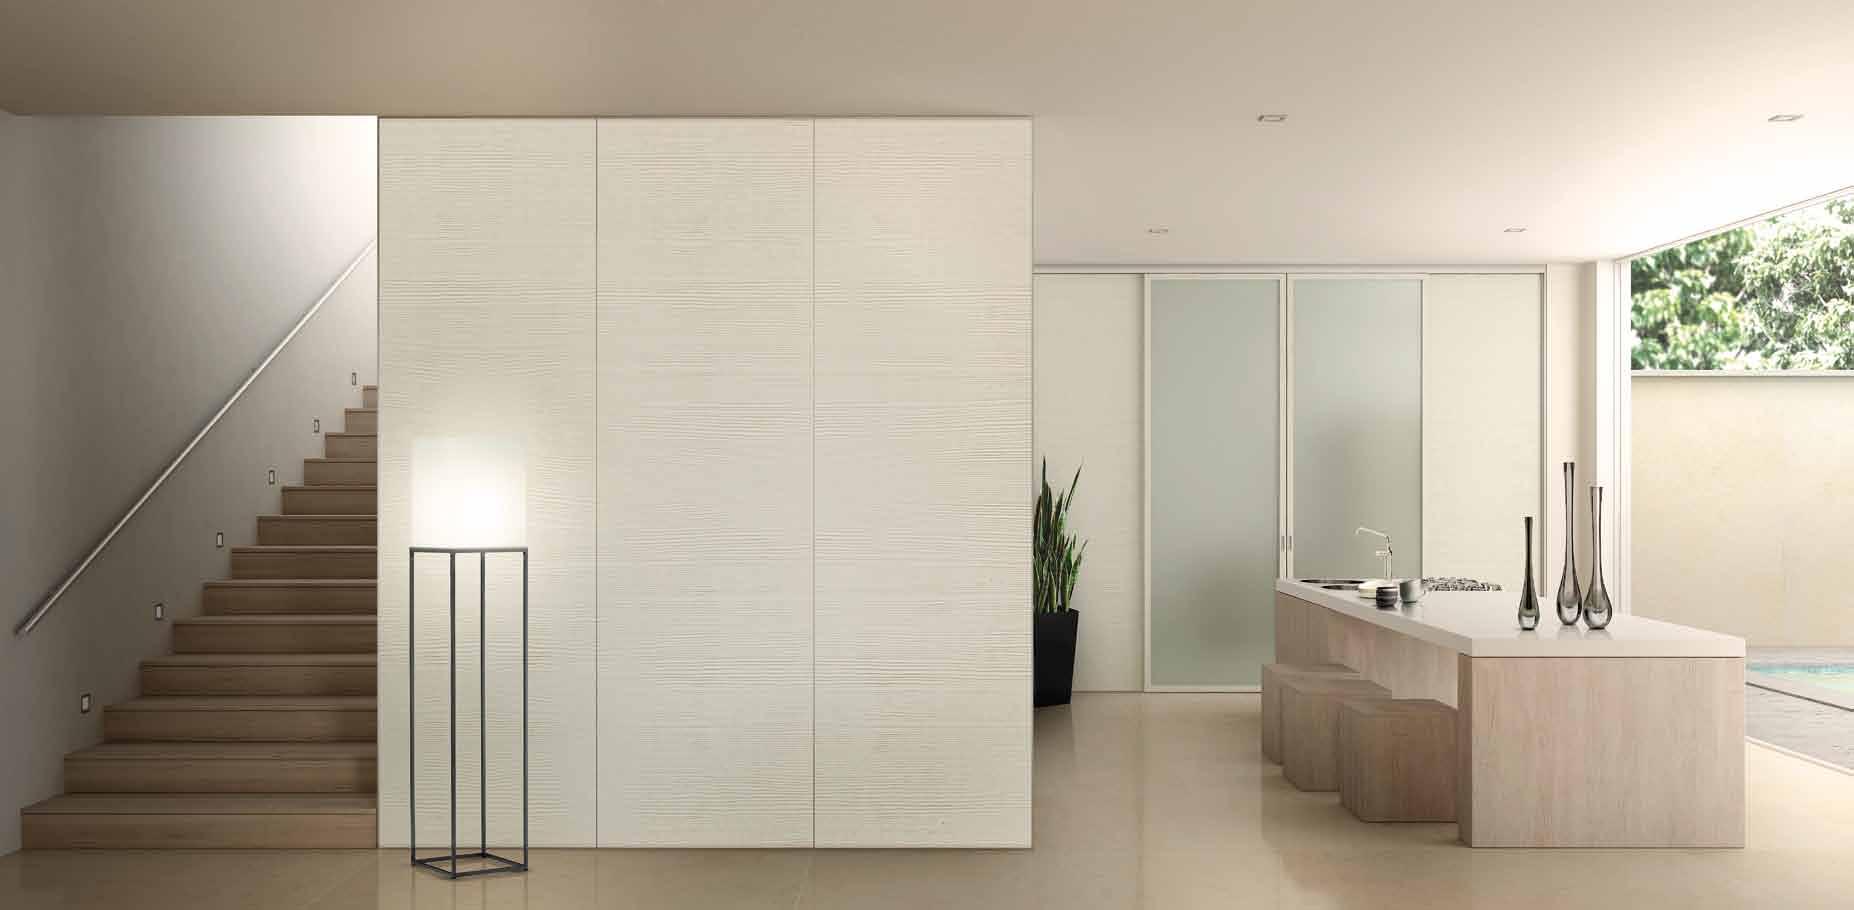 Astor mobili srl casa italia for Mobili design srl